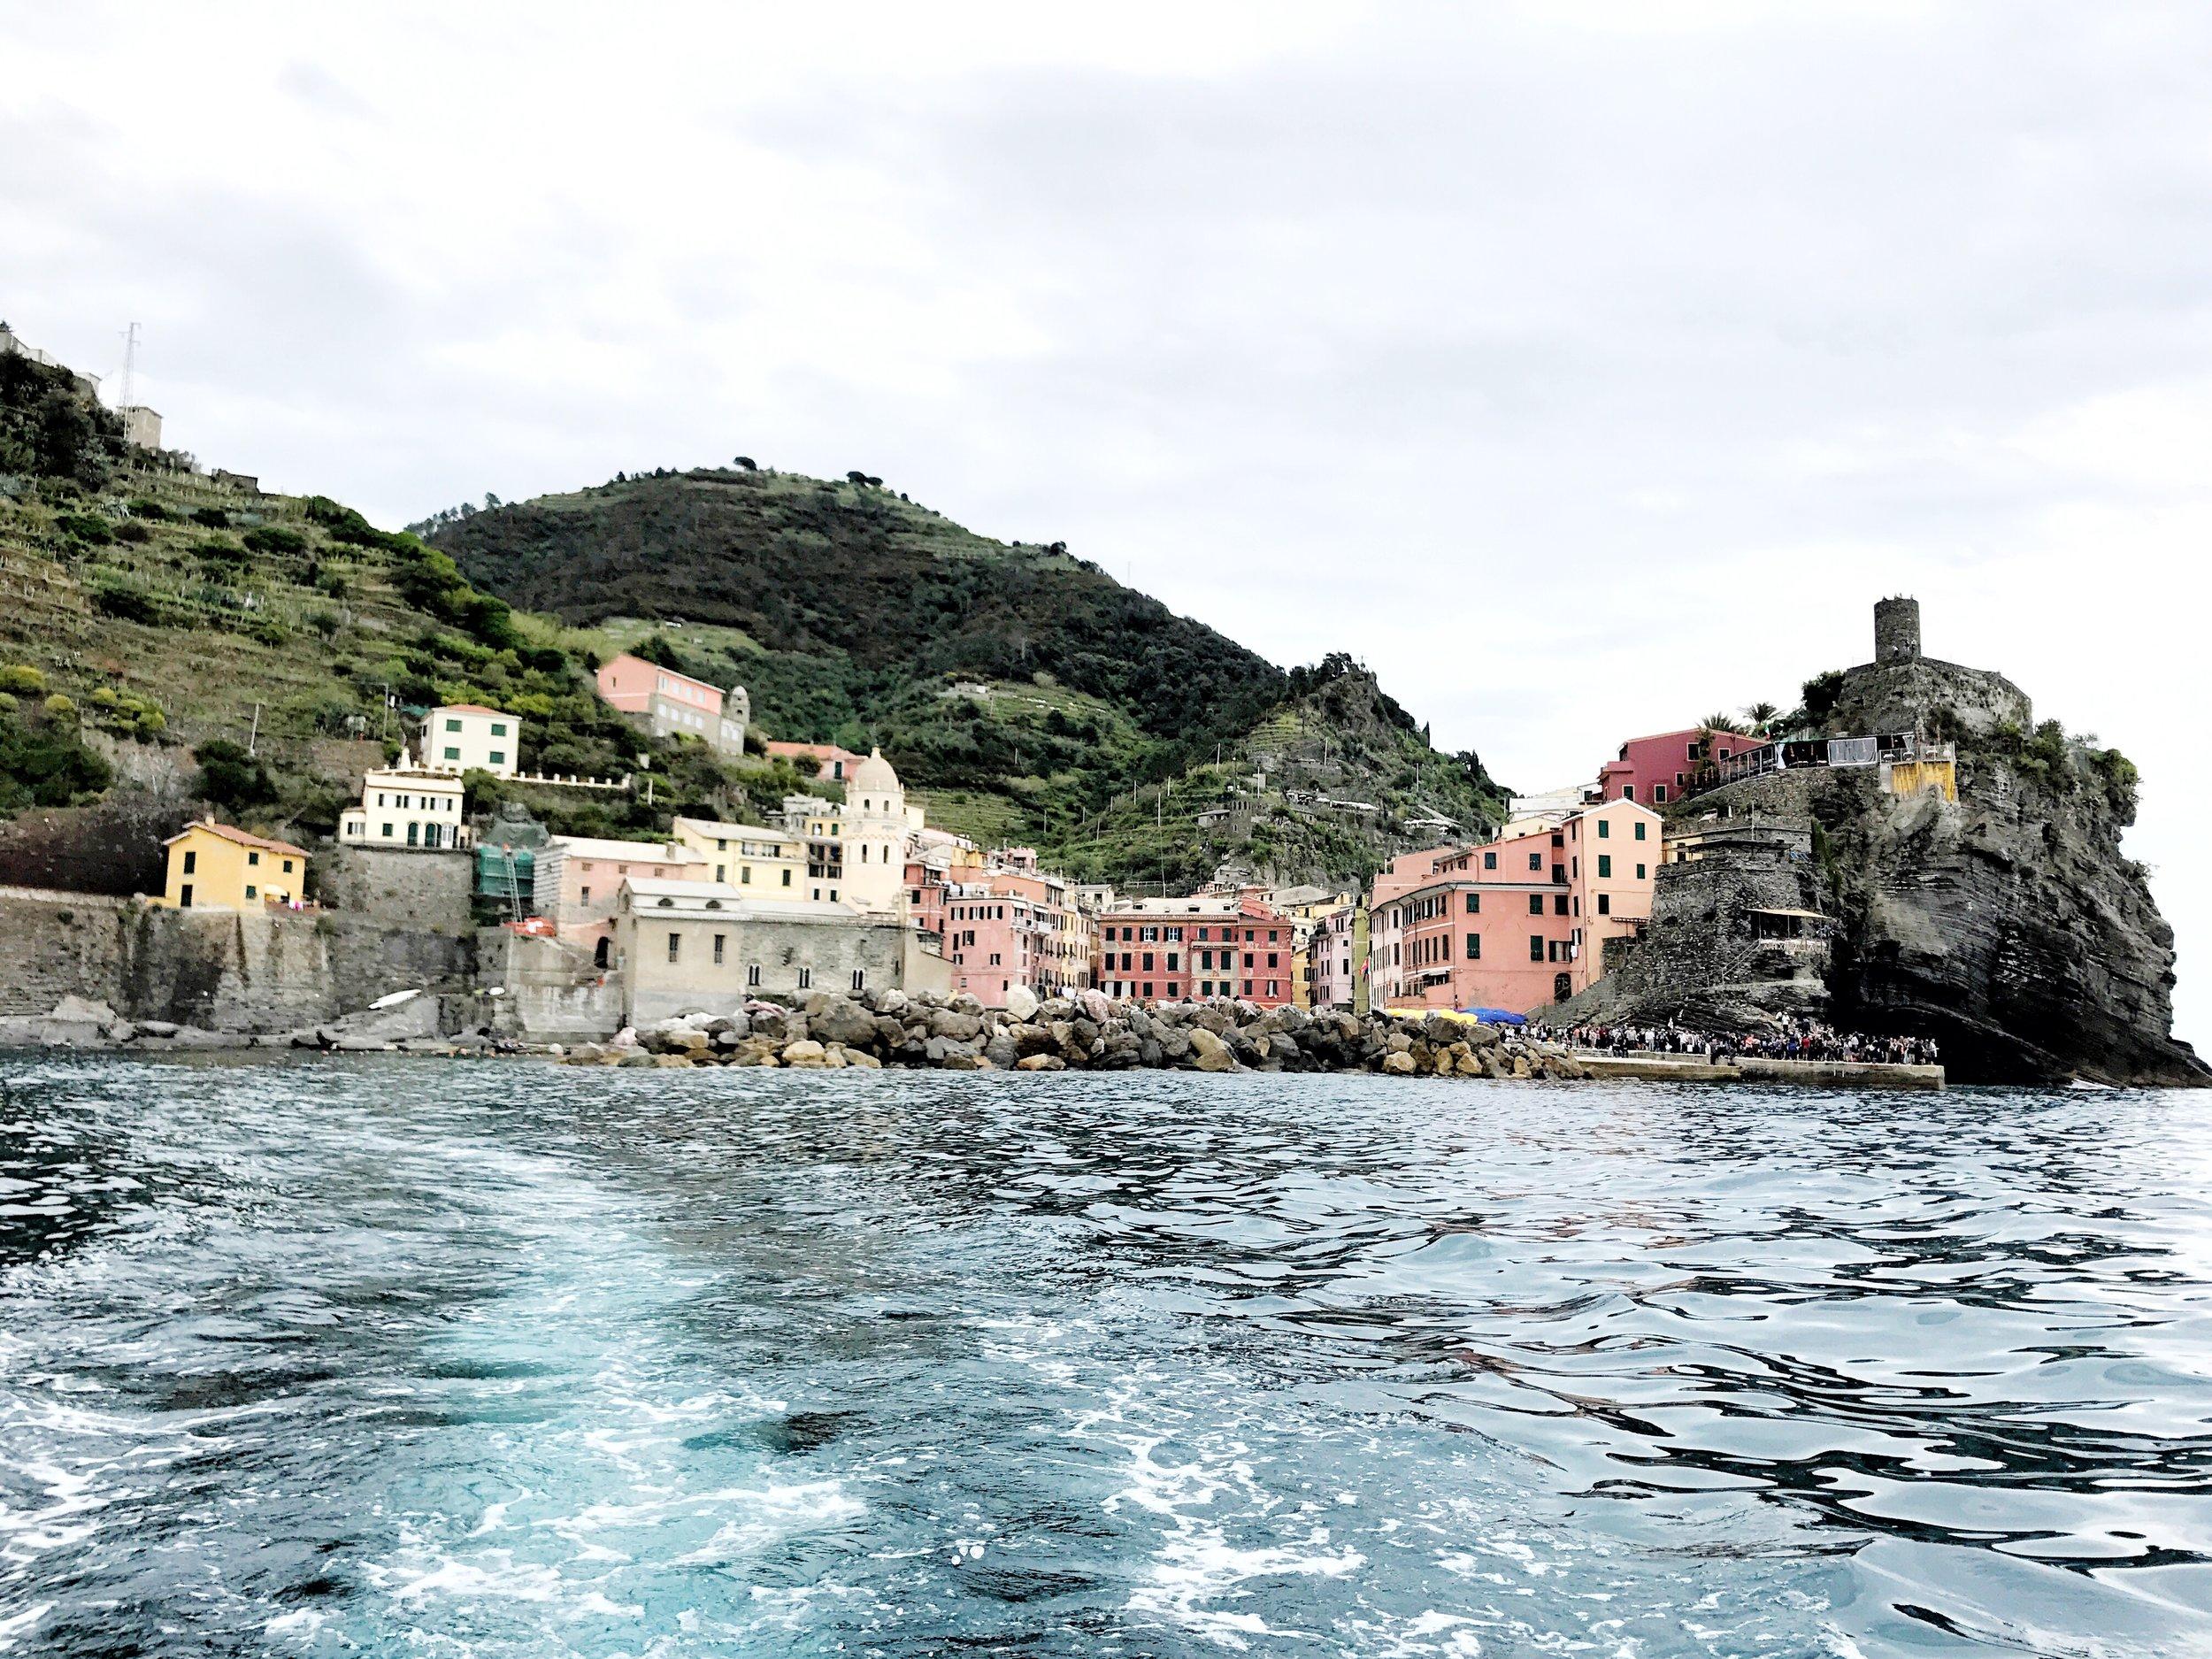 Taking a boat from Vernazza to Monterosso al Mare, Cinque Terre, Italy.